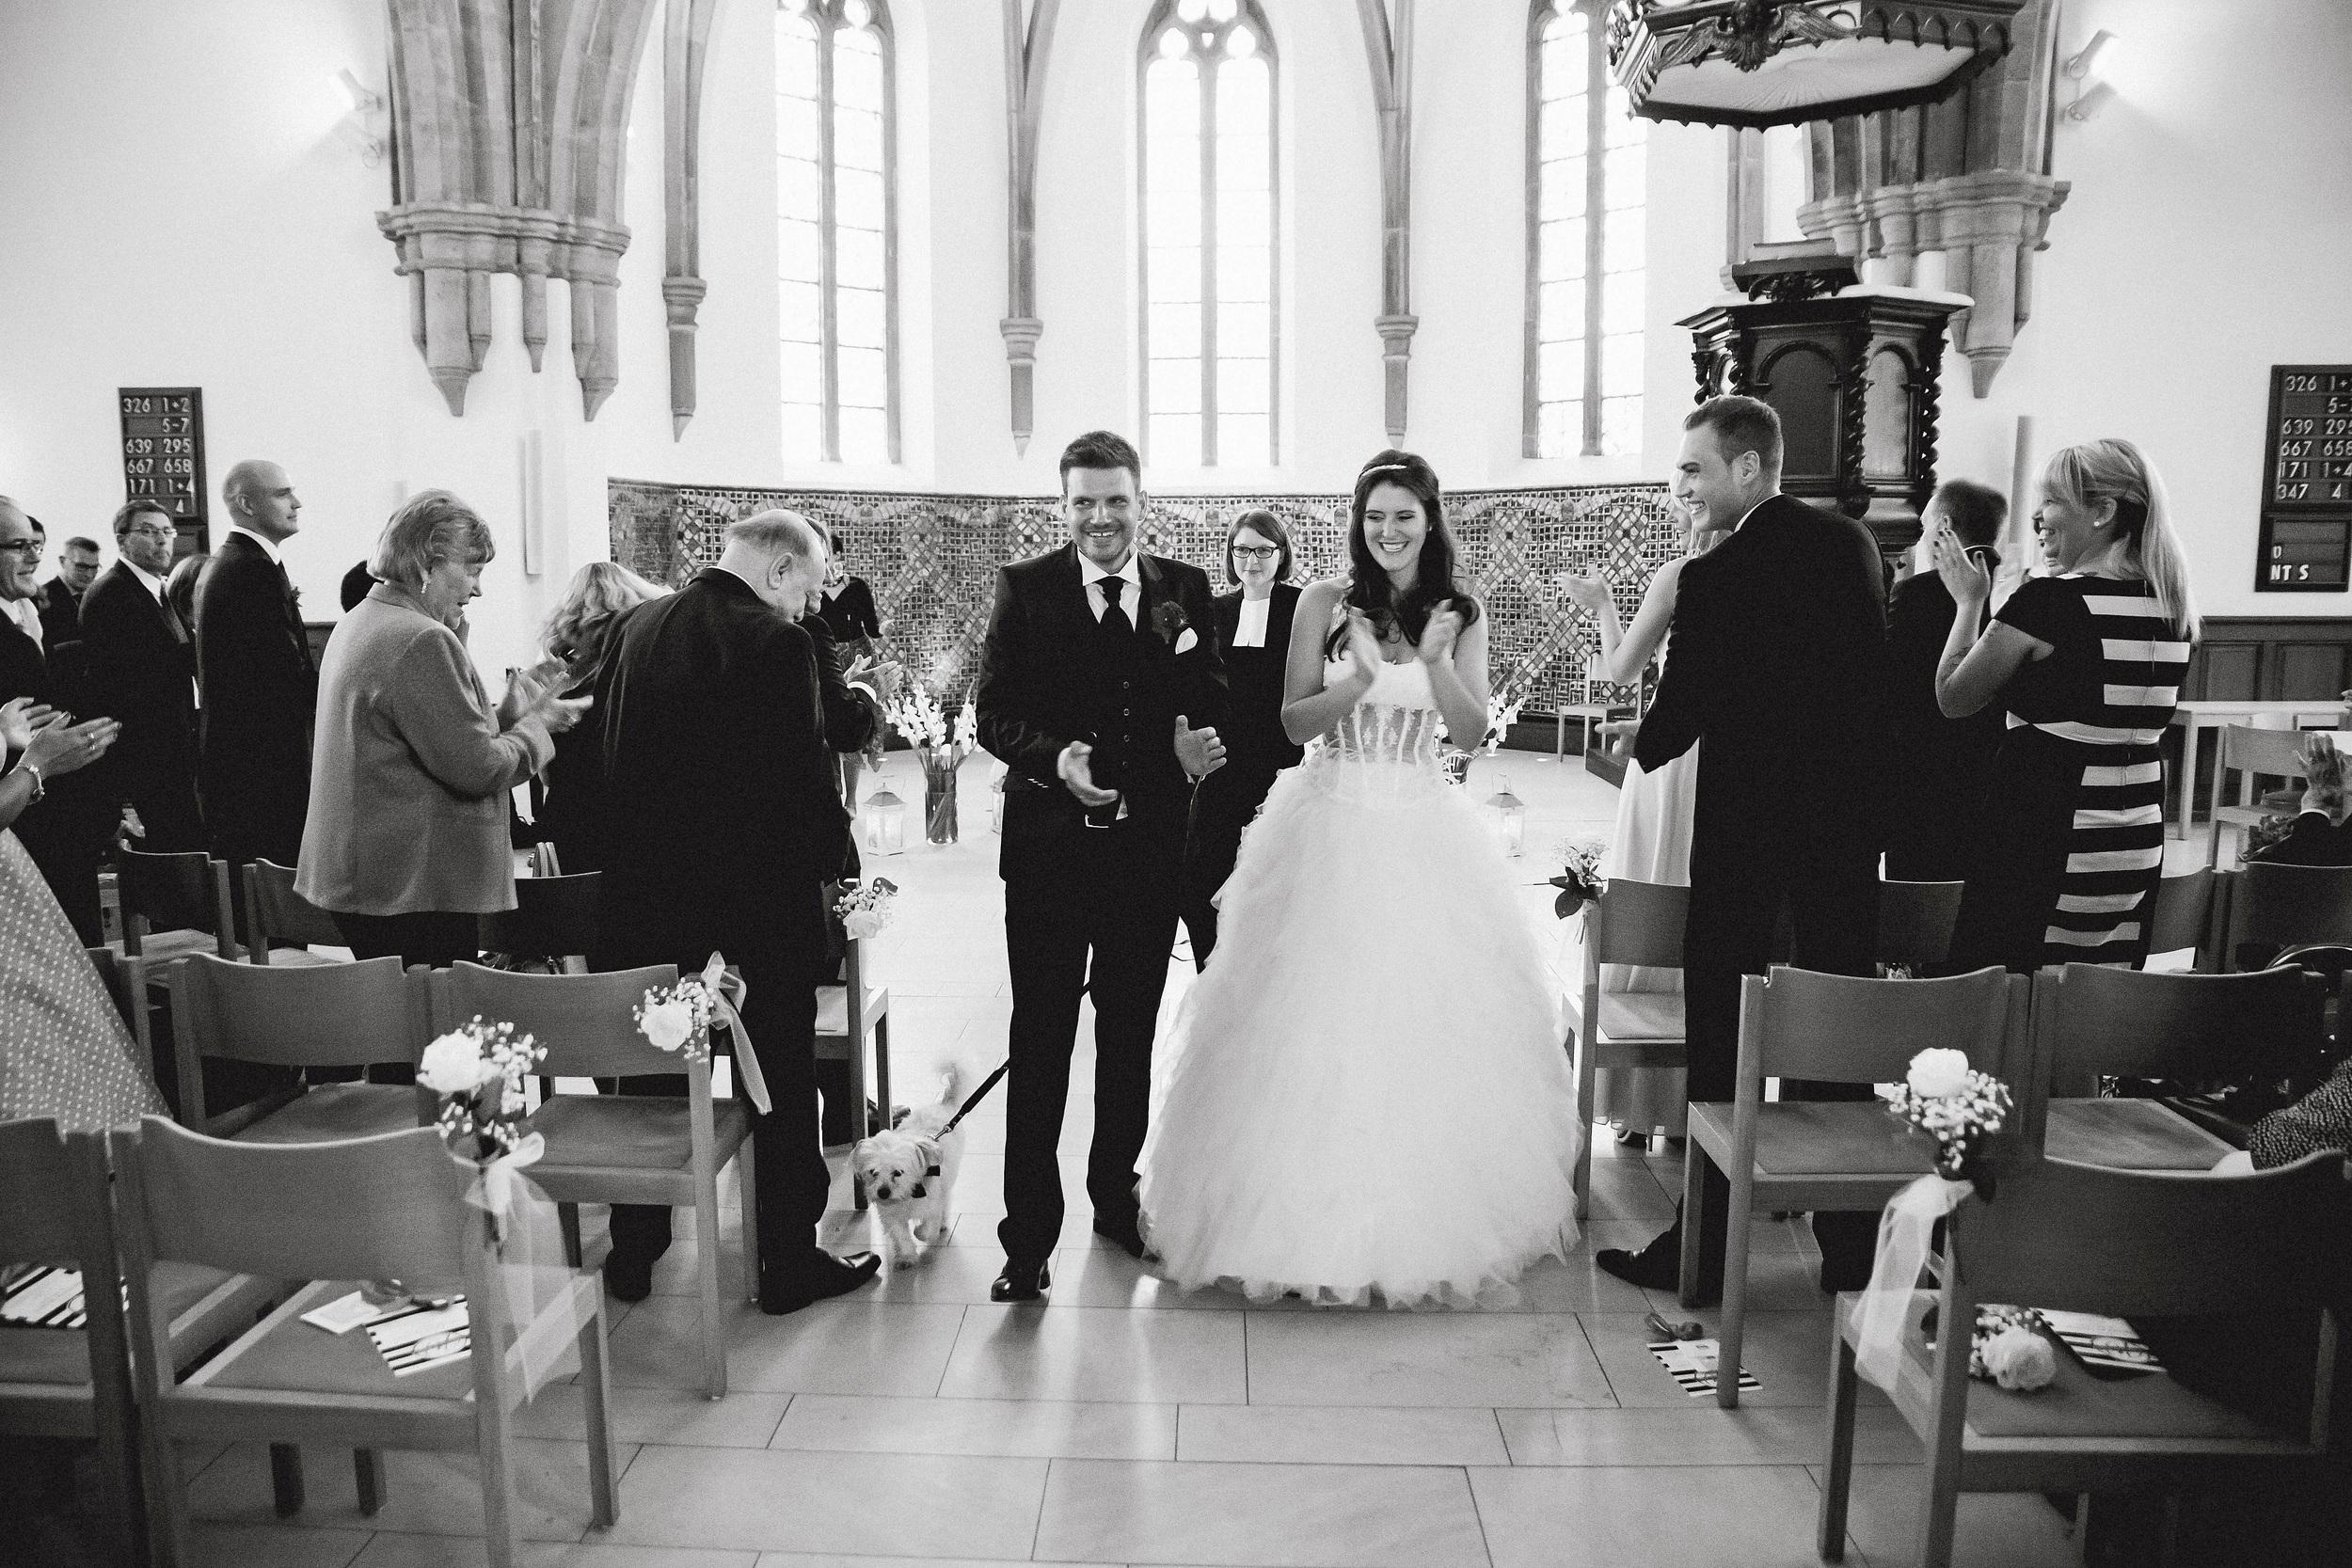 Hochzeit_266sw.jpg